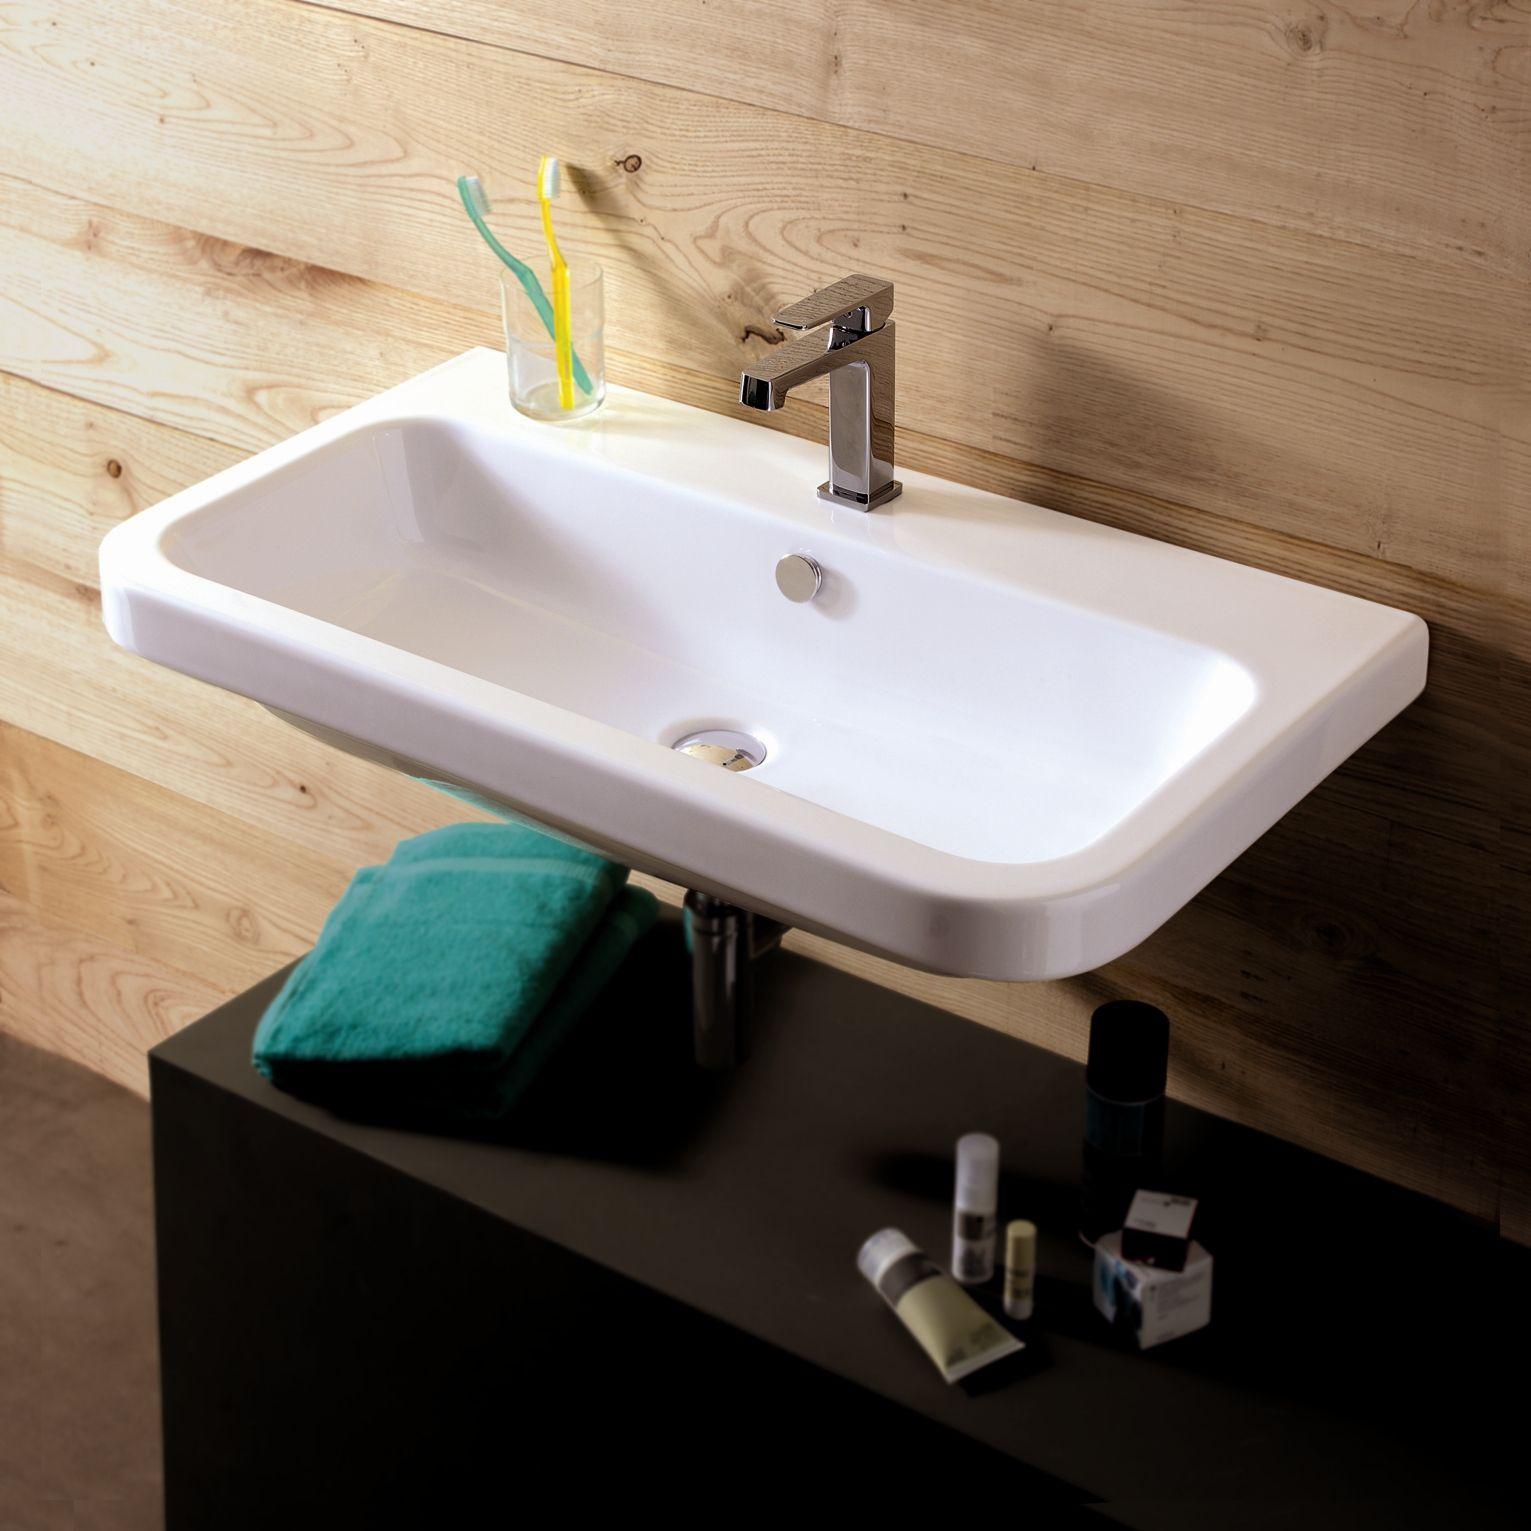 All Modern Sinks